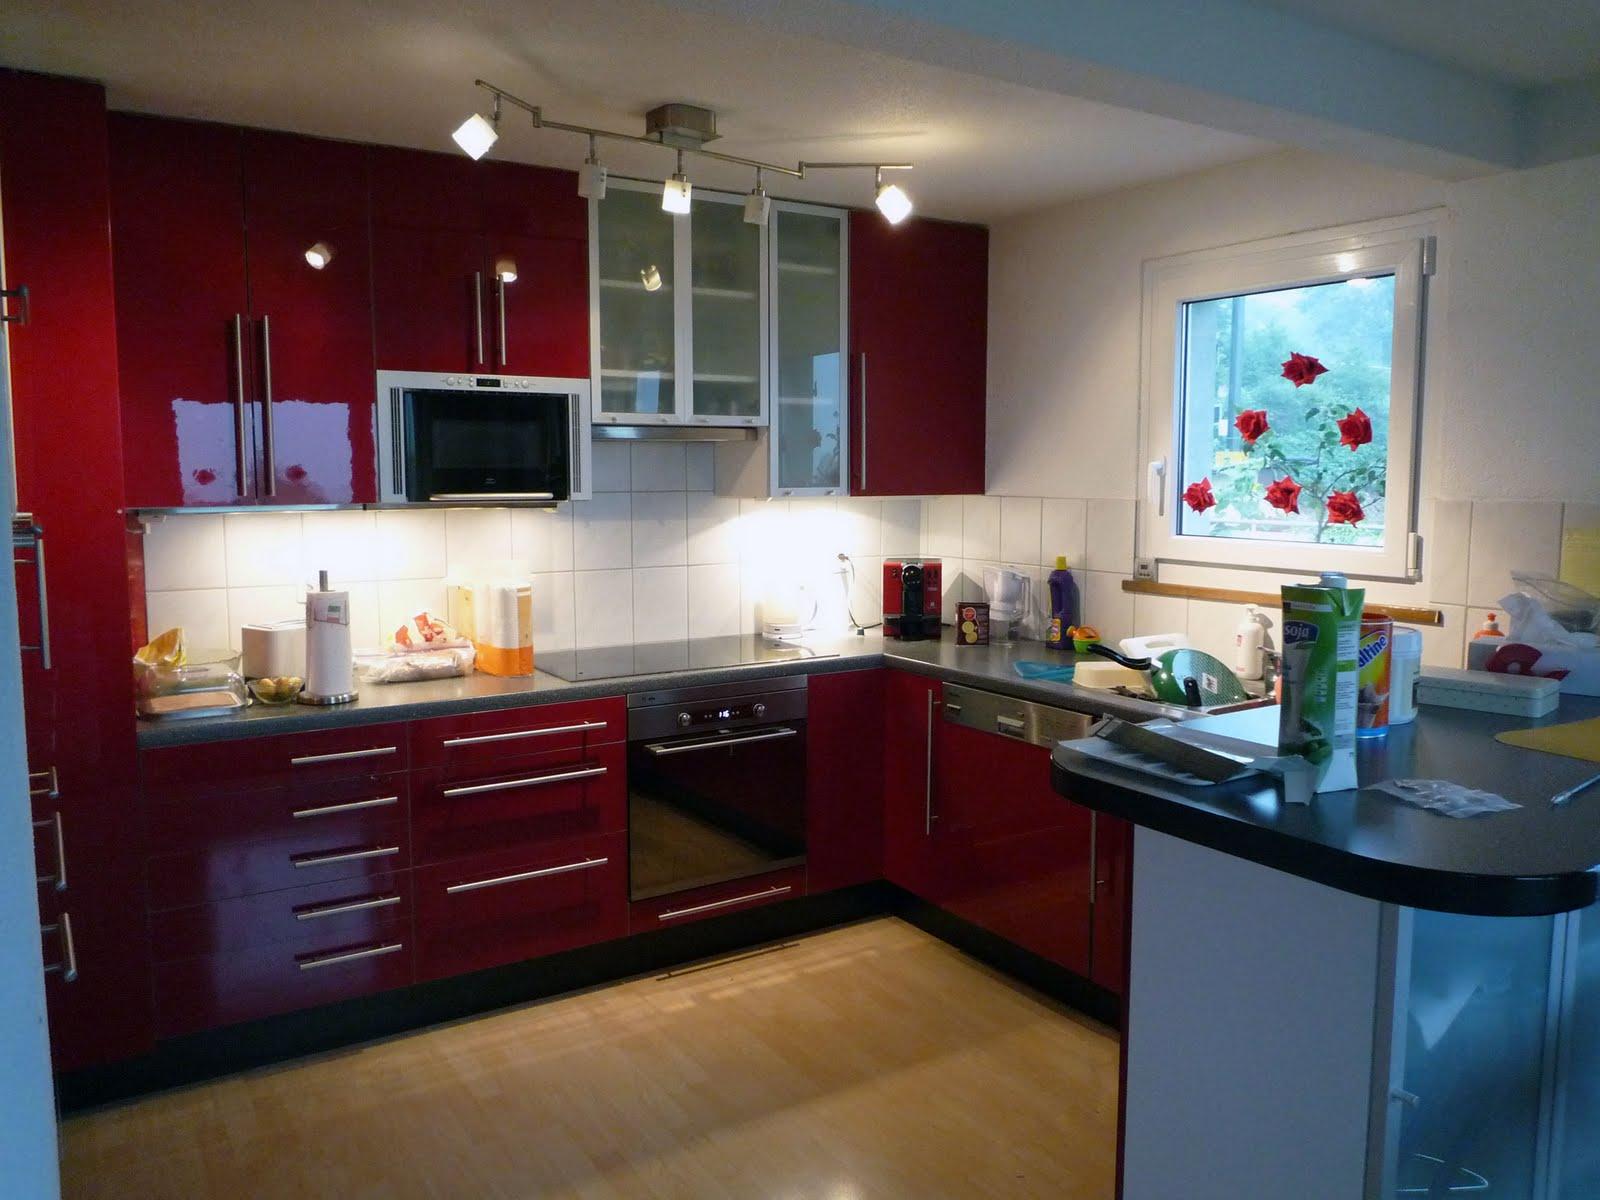 Muebles de cocina baratos tipos de muebles para cocina for Modelos de muebles de cocina modernos